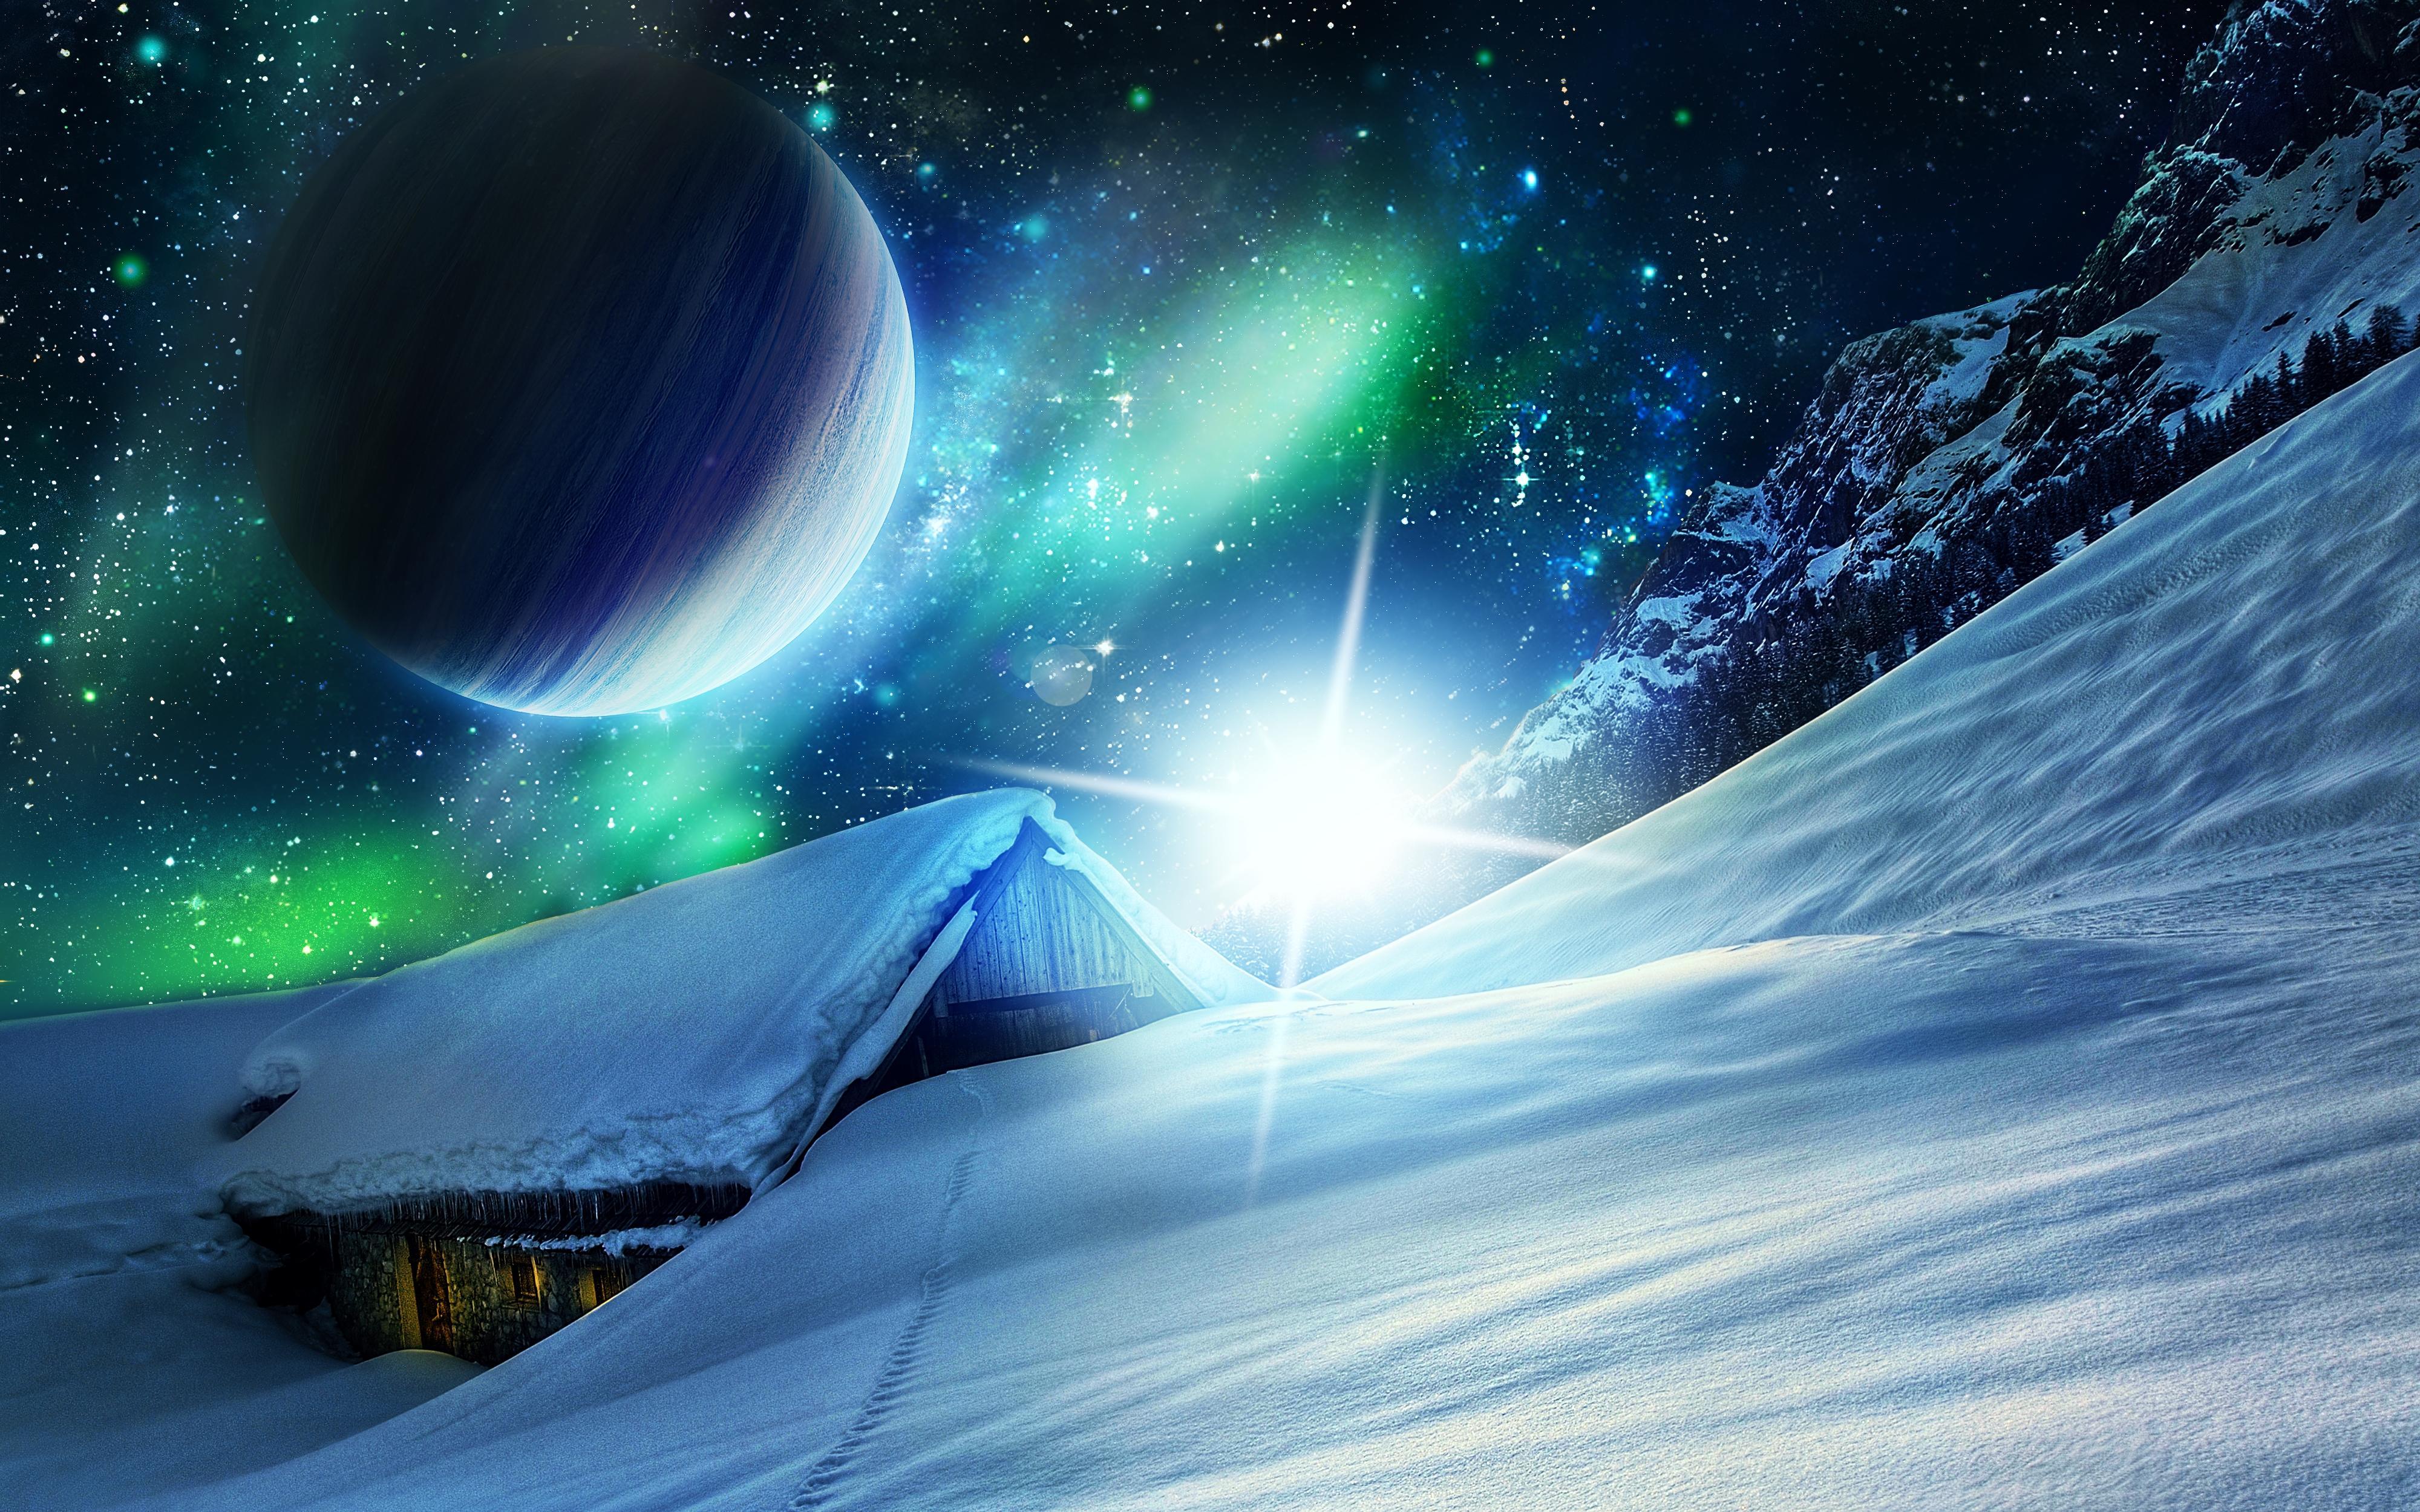 Обои природа небо деревья космос картинки на рабочий стол на тему Космос - скачать загрузить